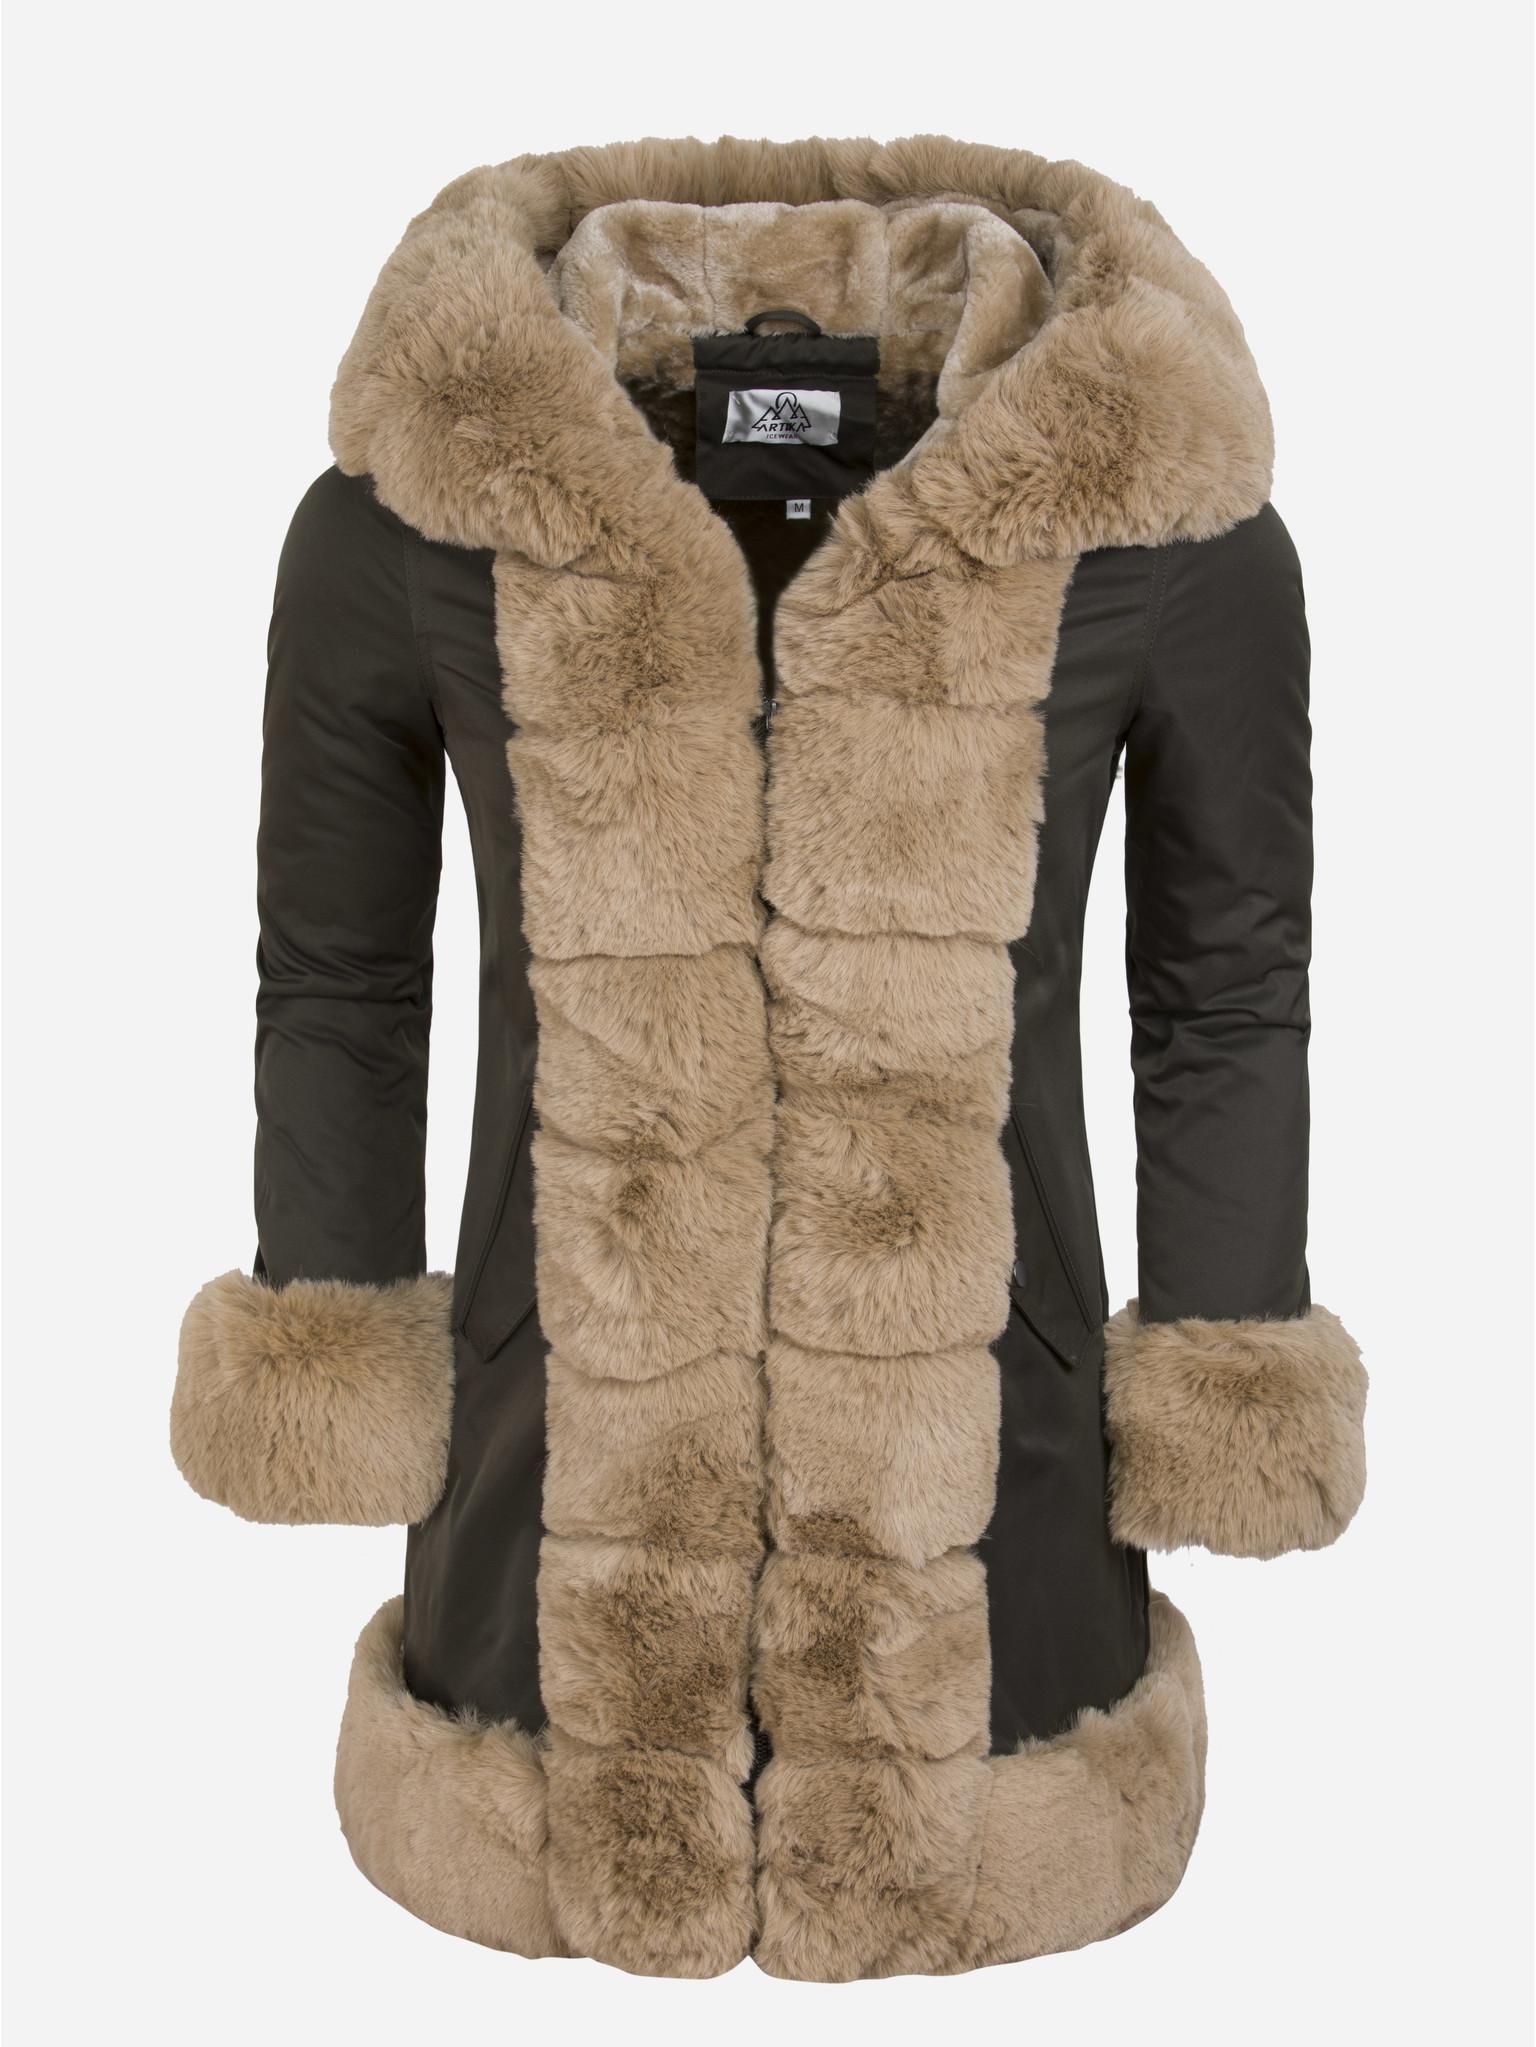 Artika Icewear Winterjas Dames L816-11031 Green Camel Maat: 2XL